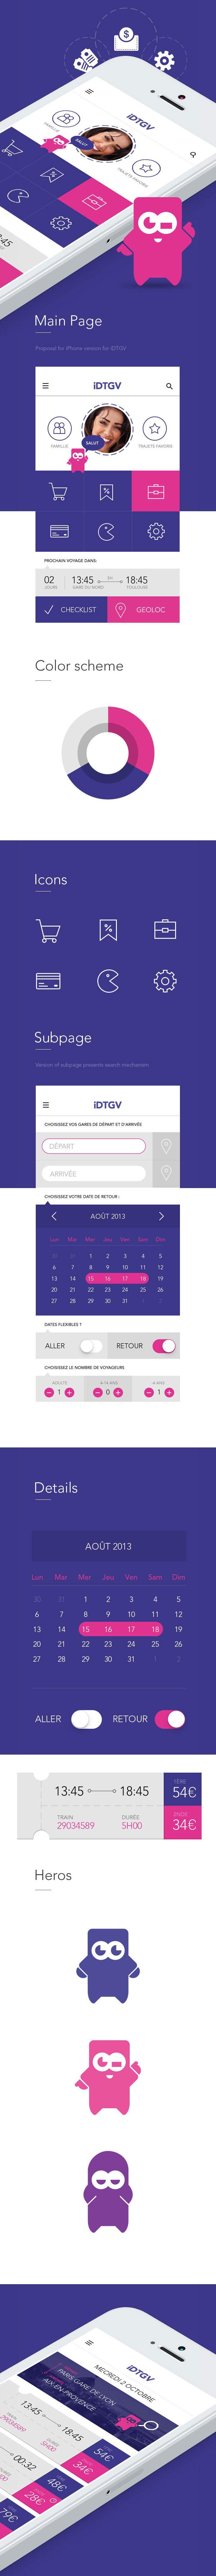 Design proposition application #mobile IDTGV, IOS7